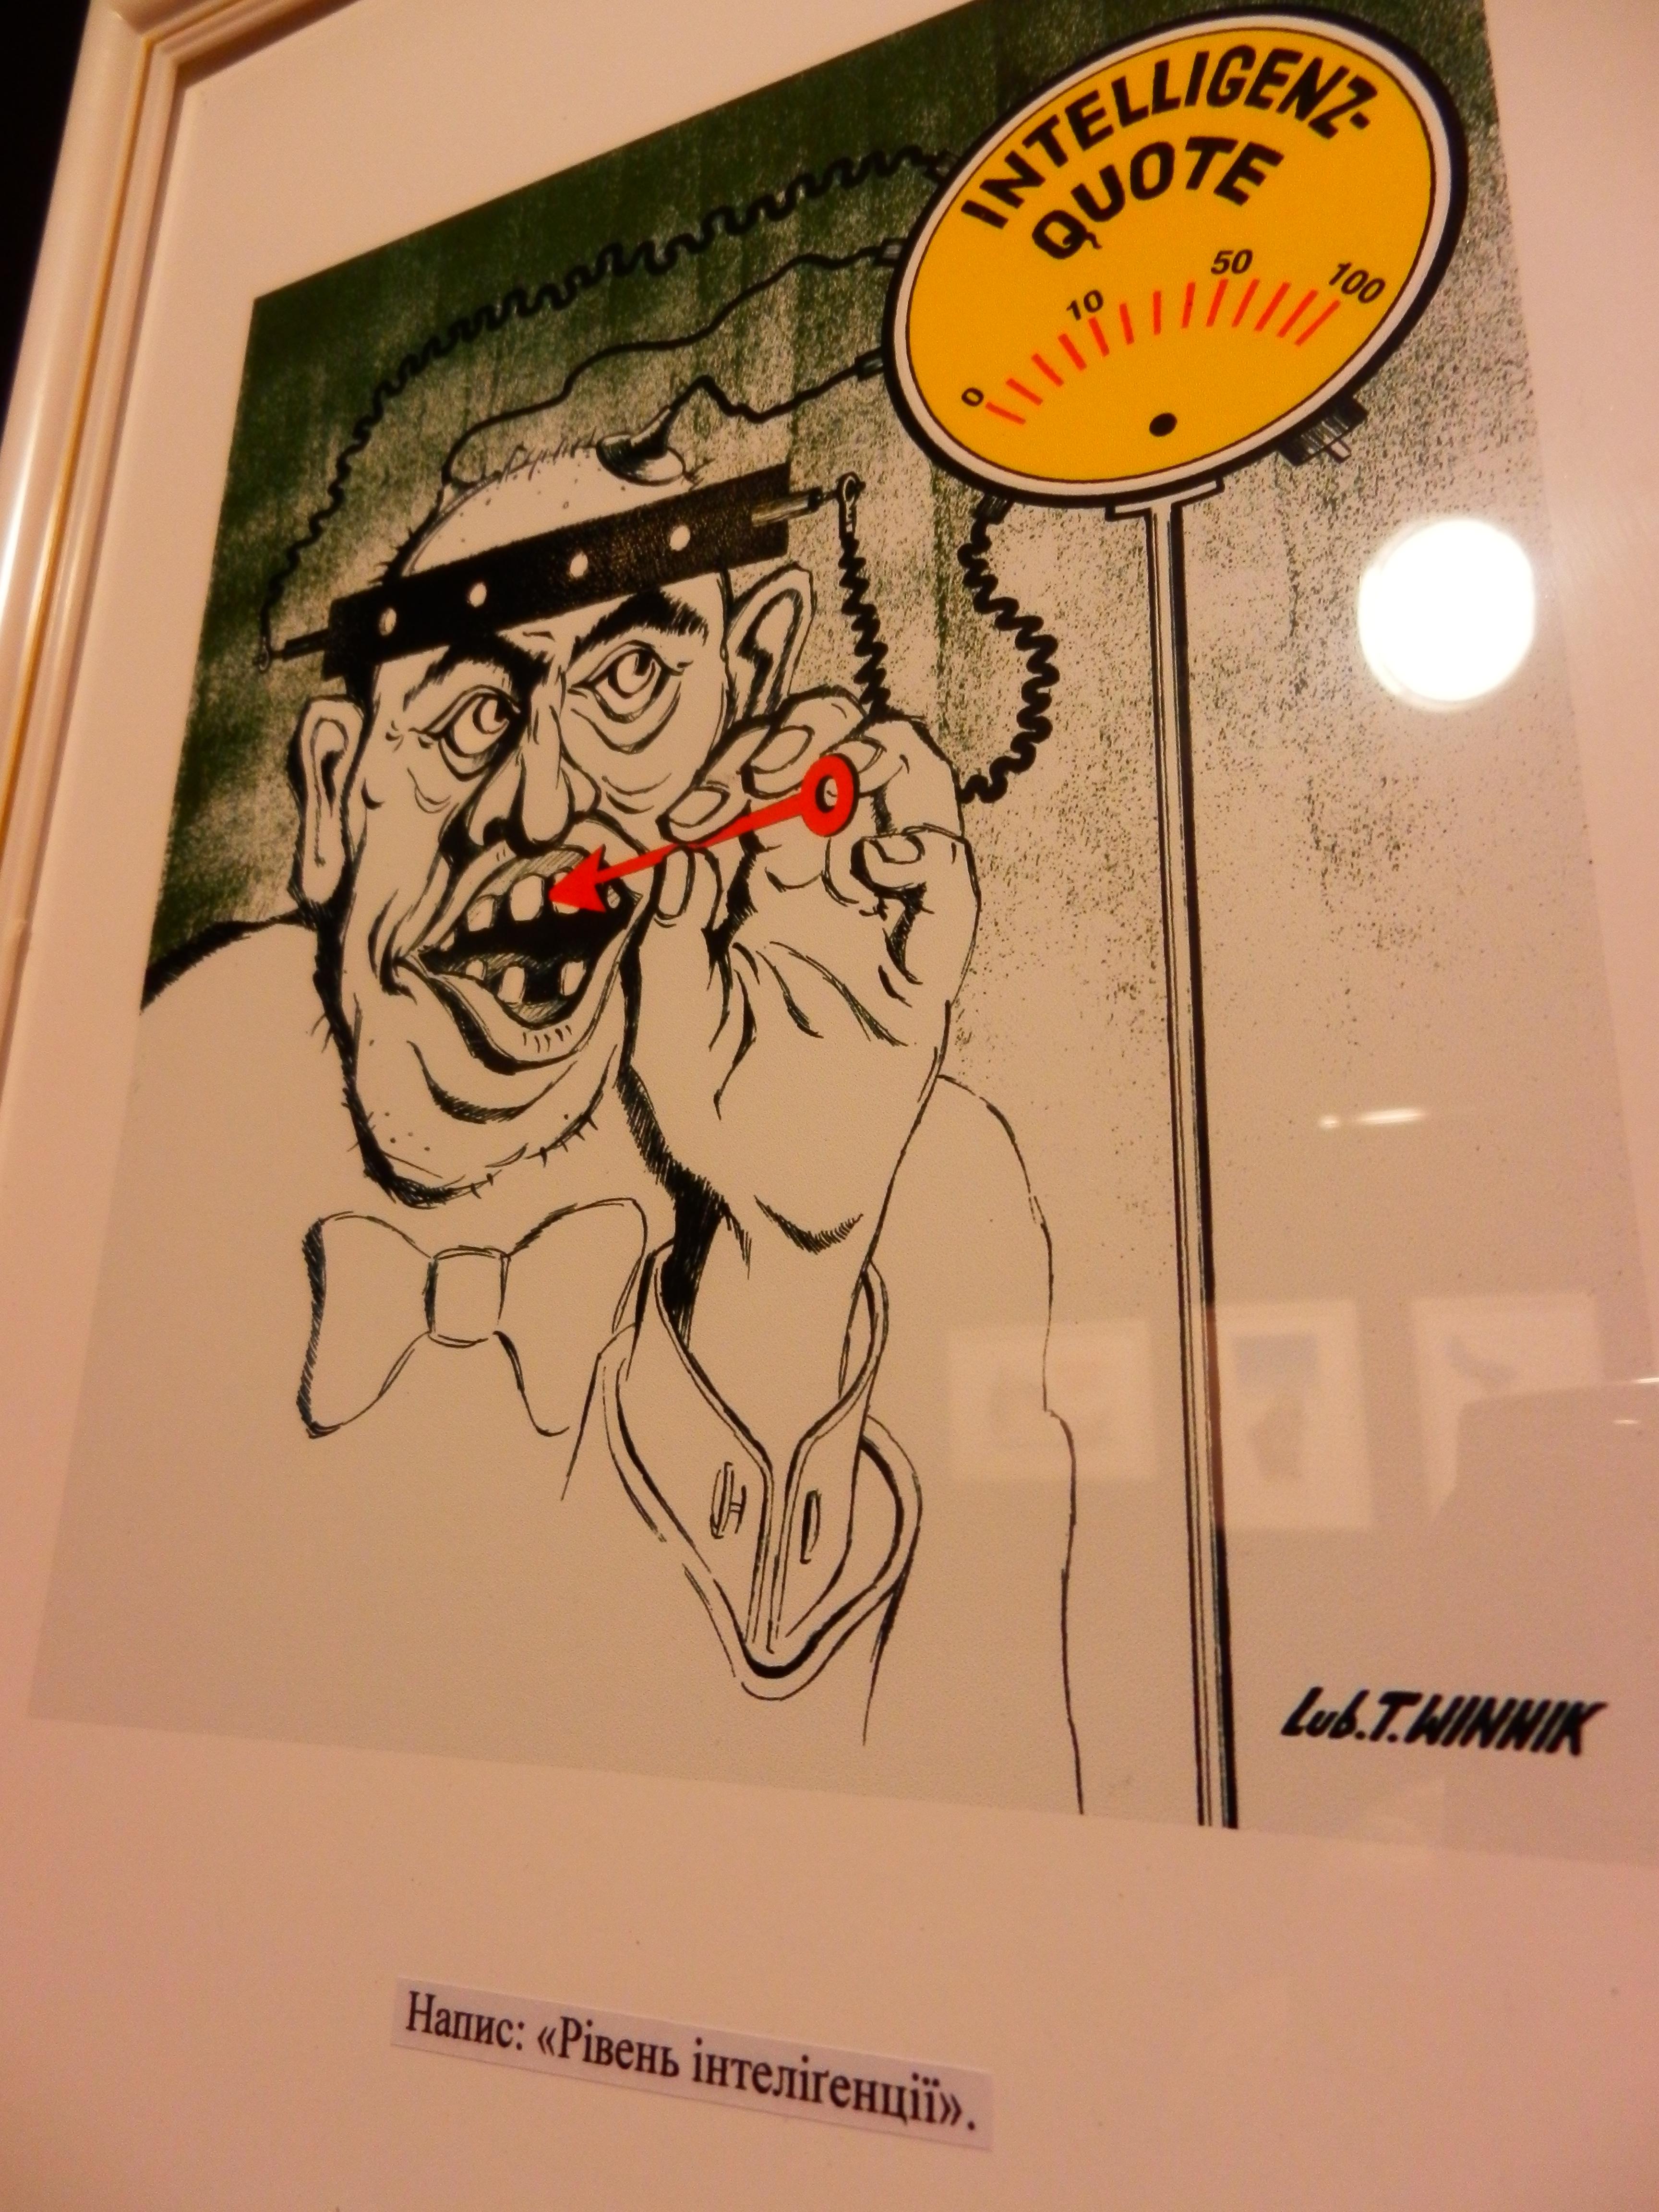 Музей ідей. Види з виставки сатиричних рисунків у стилі картун Любомира Т. Винника.